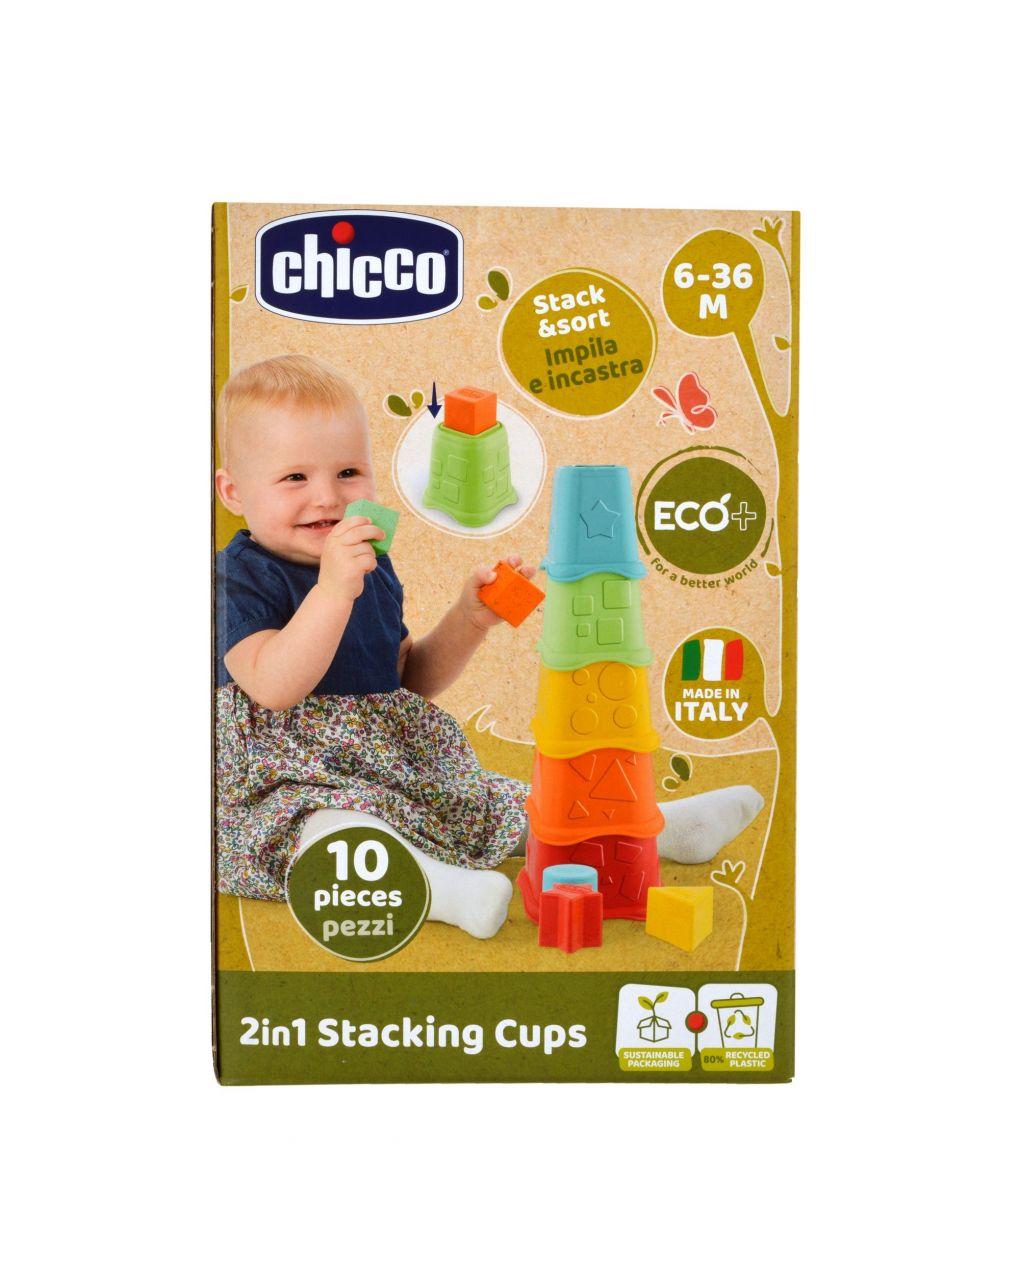 Chicco - tazze impilabili 2in1 eco+ - Chicco